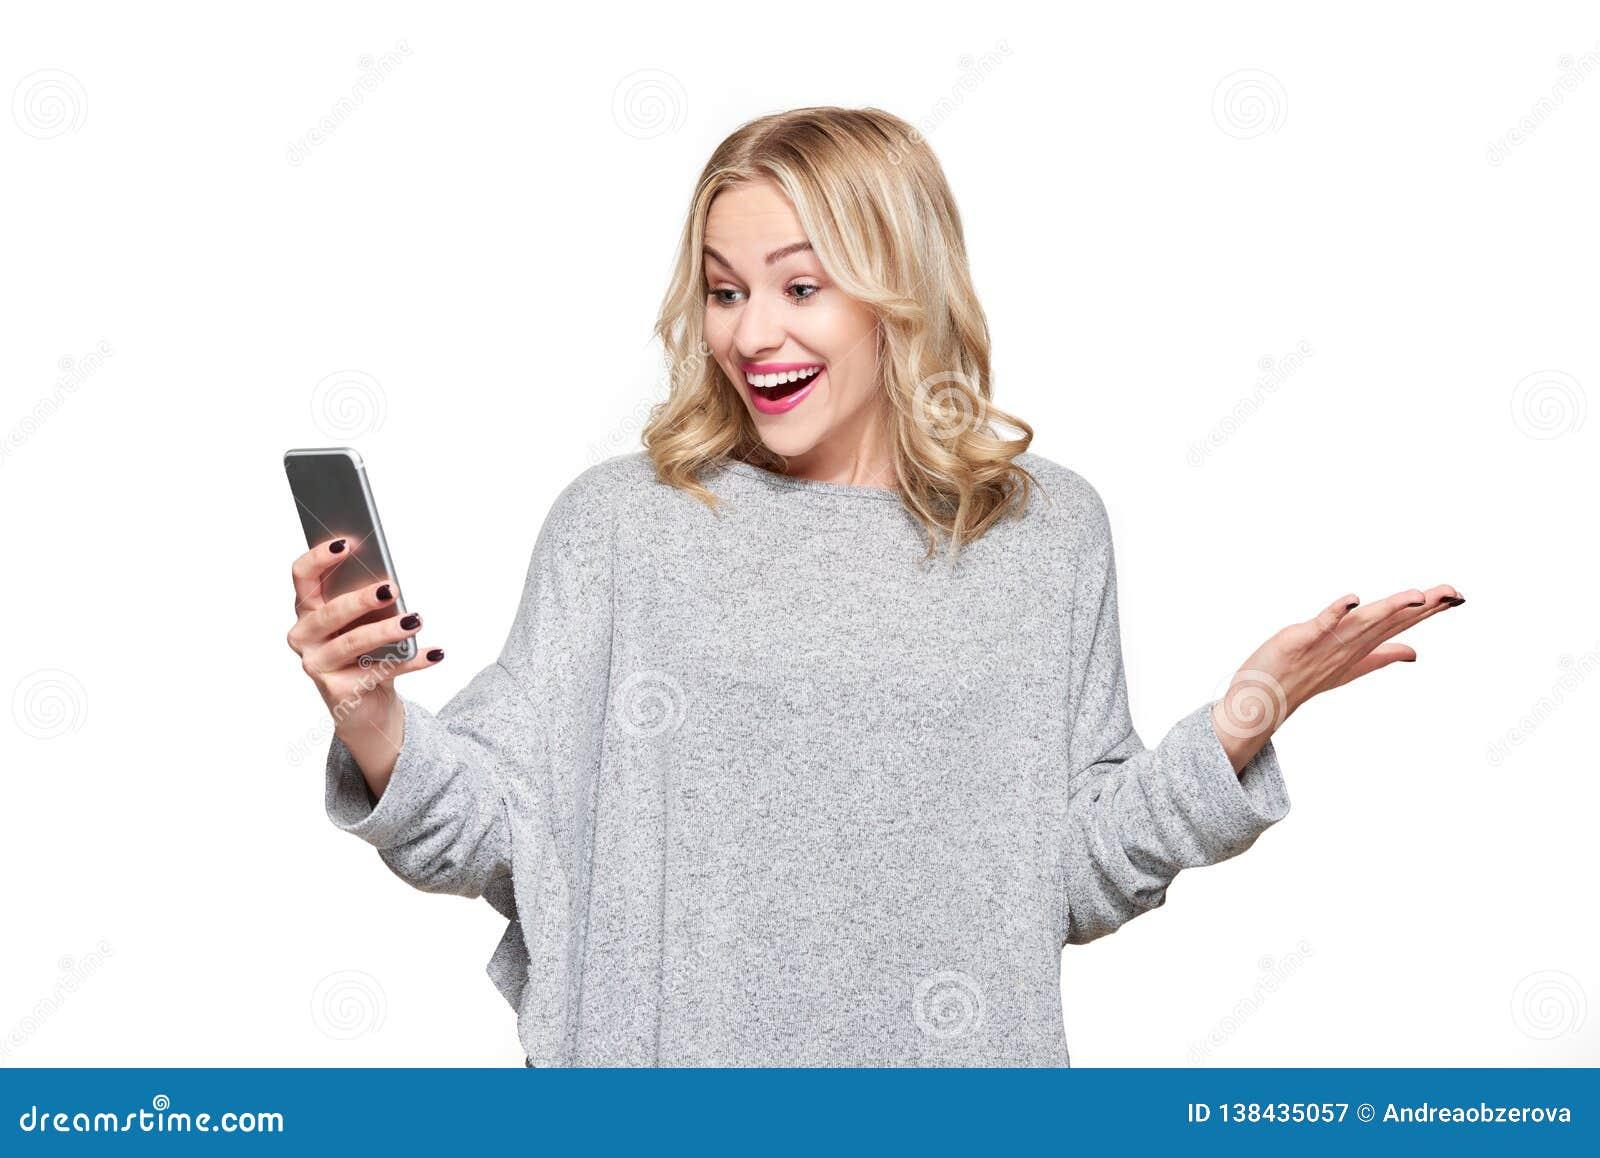 Aufgeregte junge Frau, die ihren Handy im Unglauben lächelt und feiert betrachtet Frauenlesepositive Textnachricht